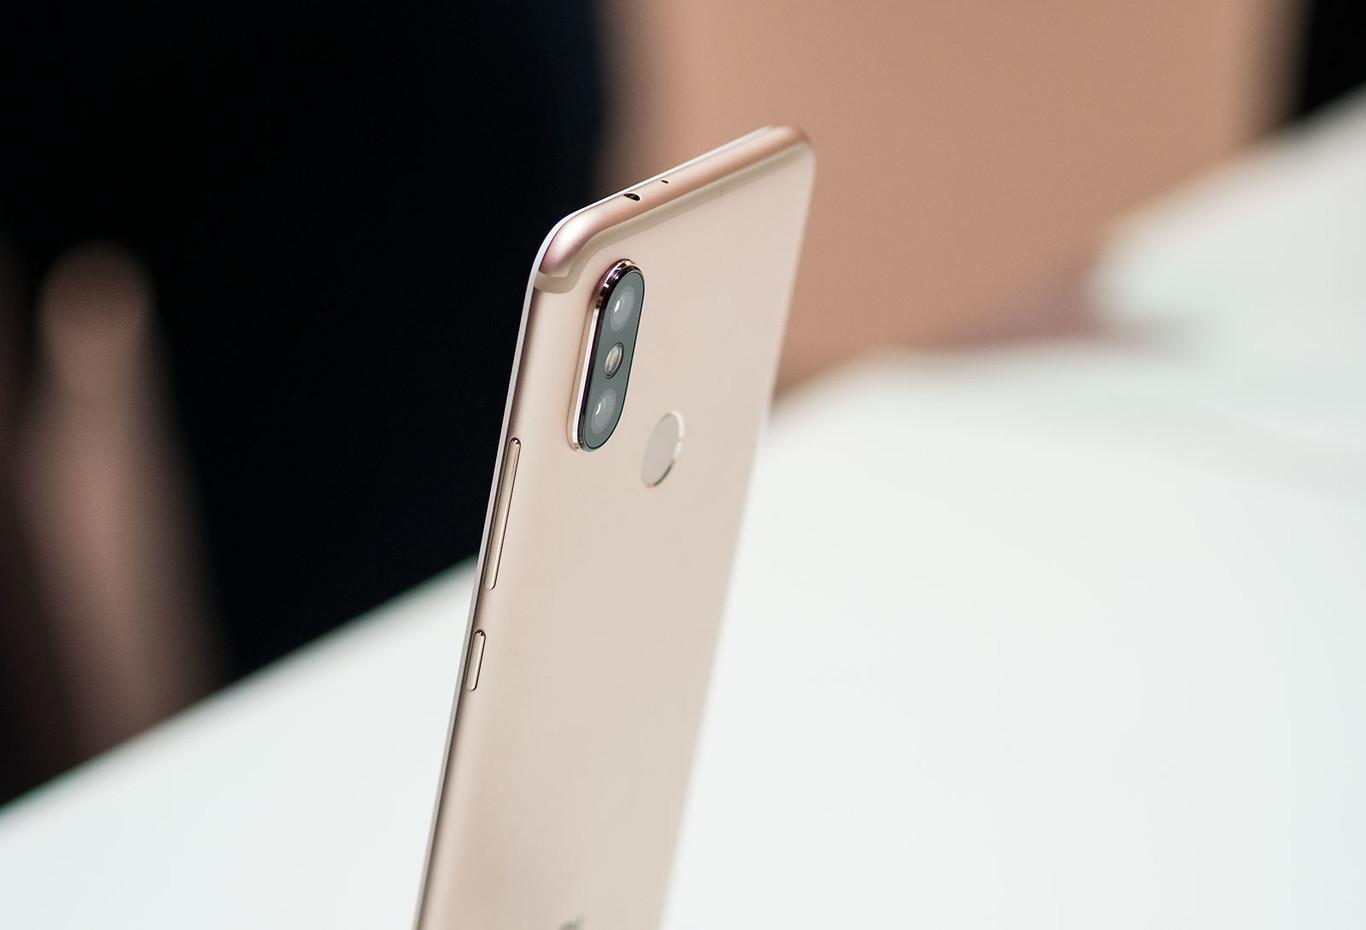 c7de7d76b90 Xiaomi Mi A2, opiniones tras primera toma de contacto. Vídeo y fotos.